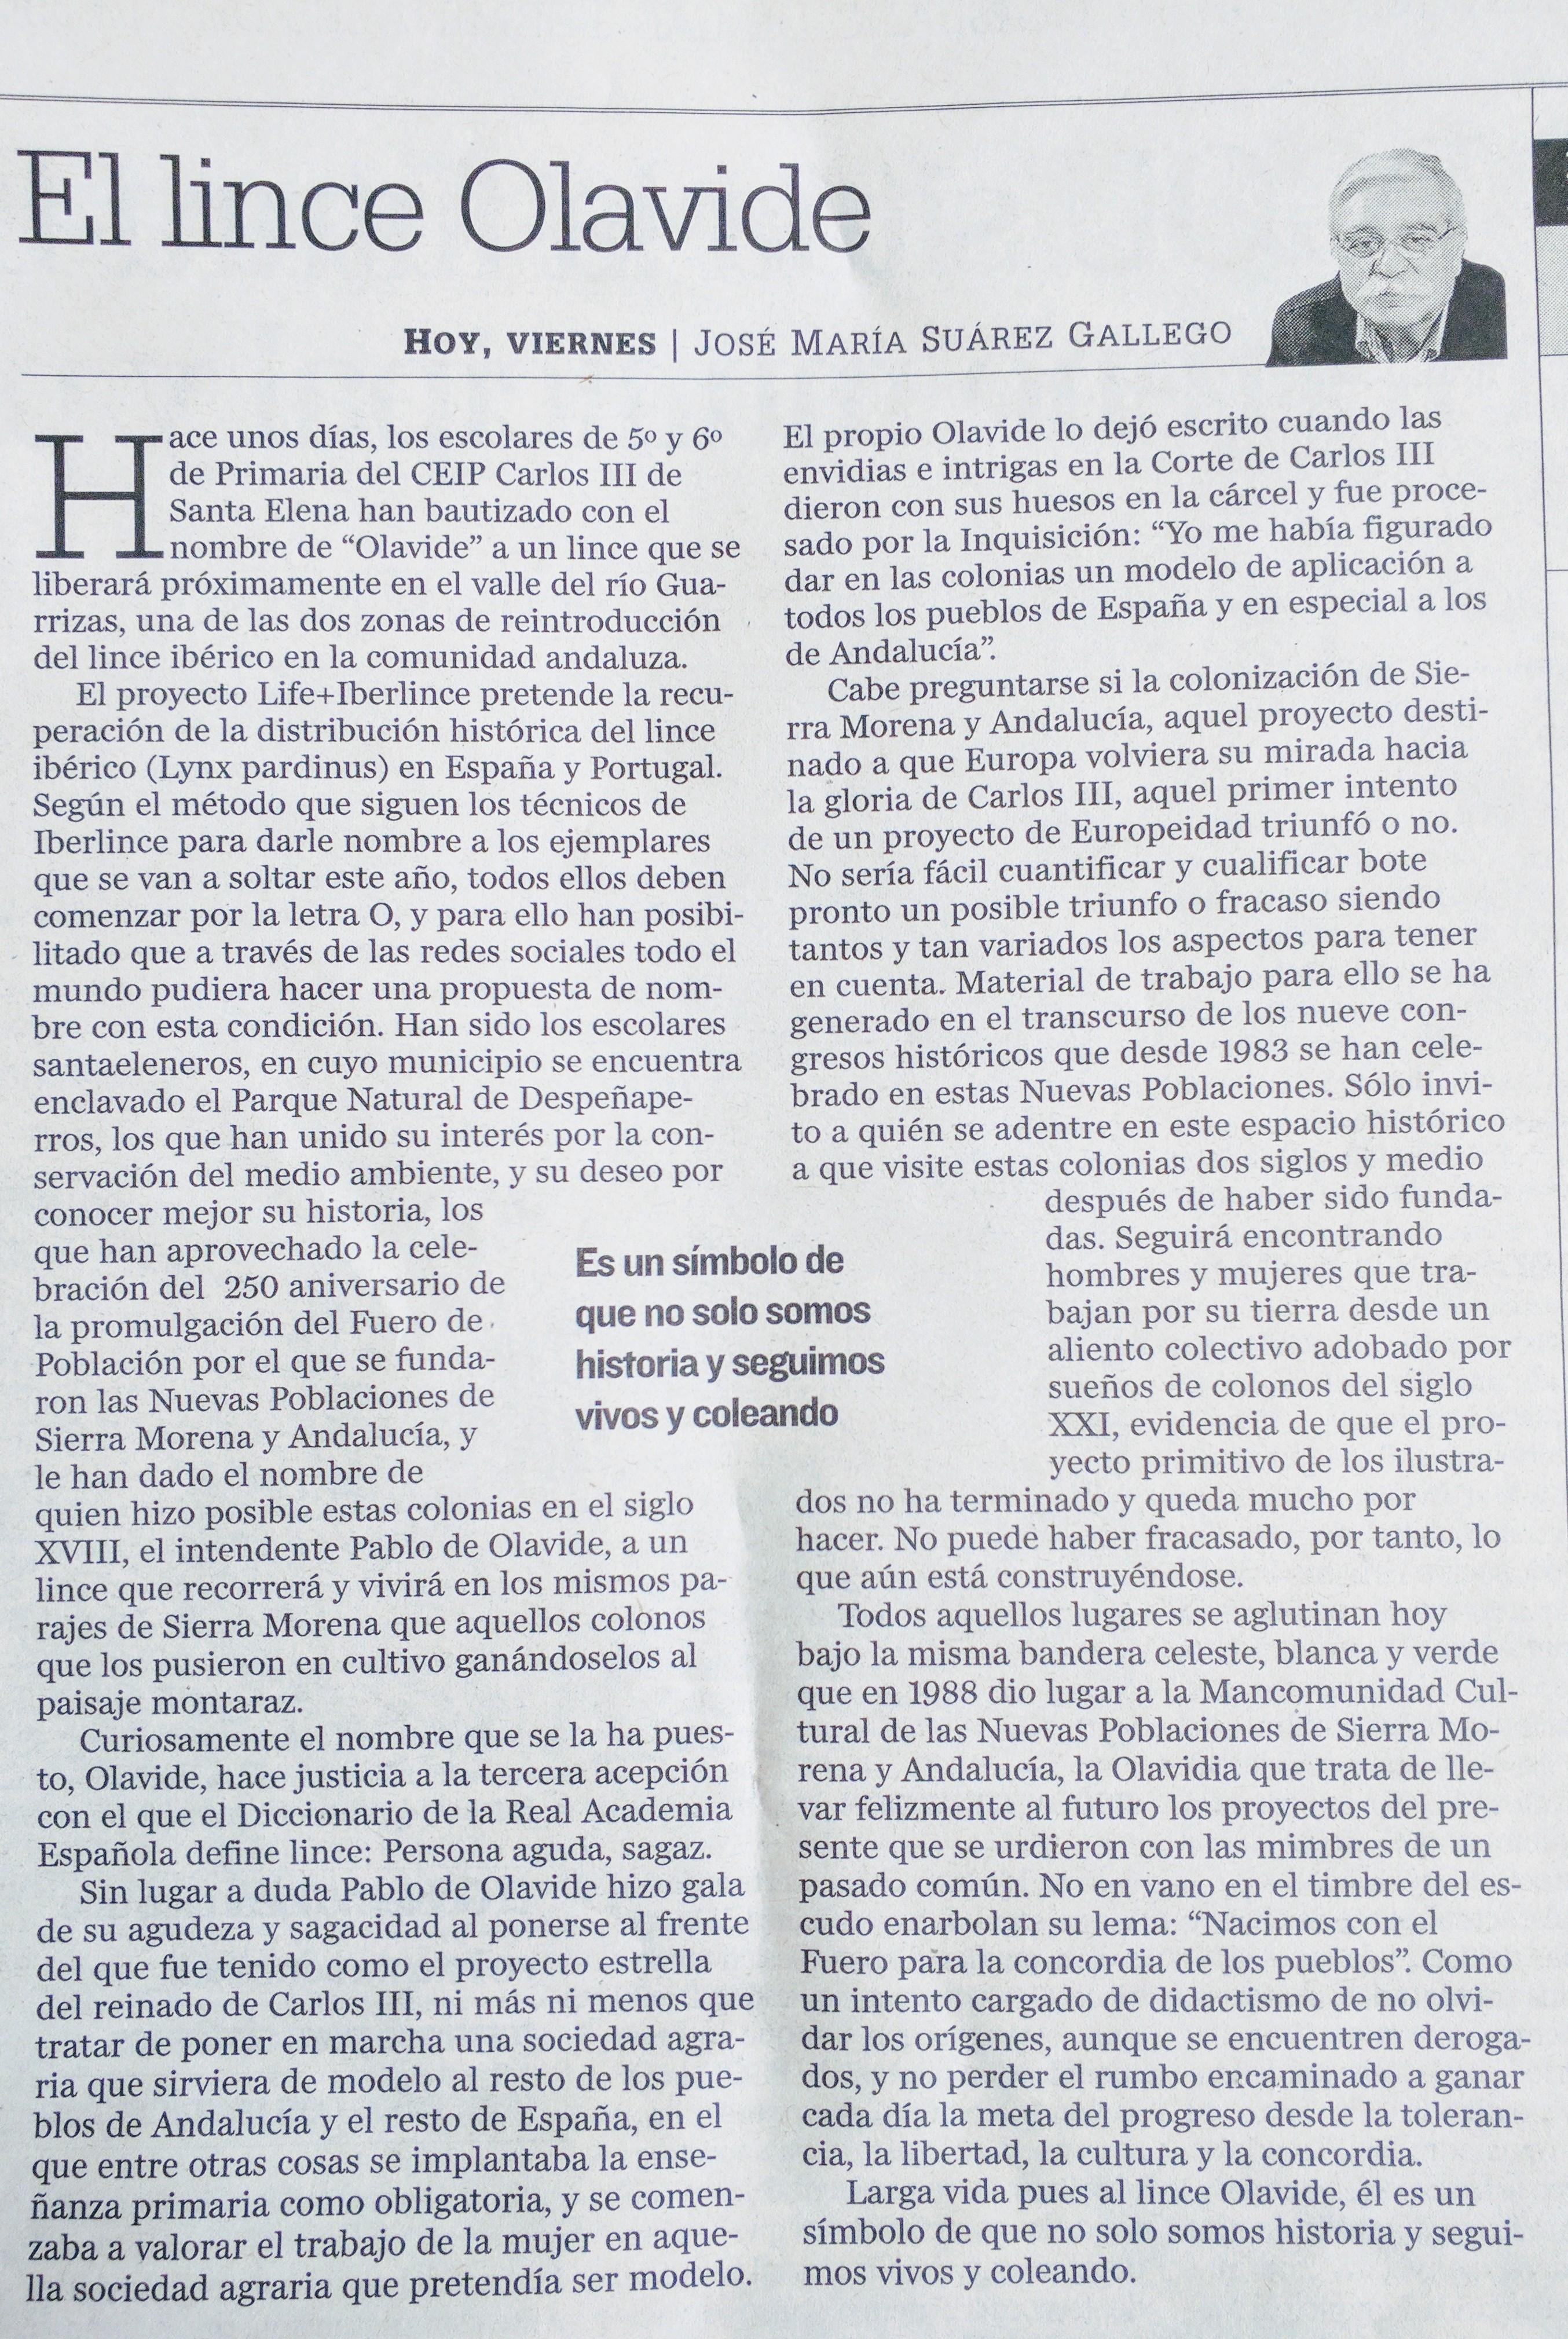 ARTICULO DEL LICE OLAVIDE EN DIARIO JAEN